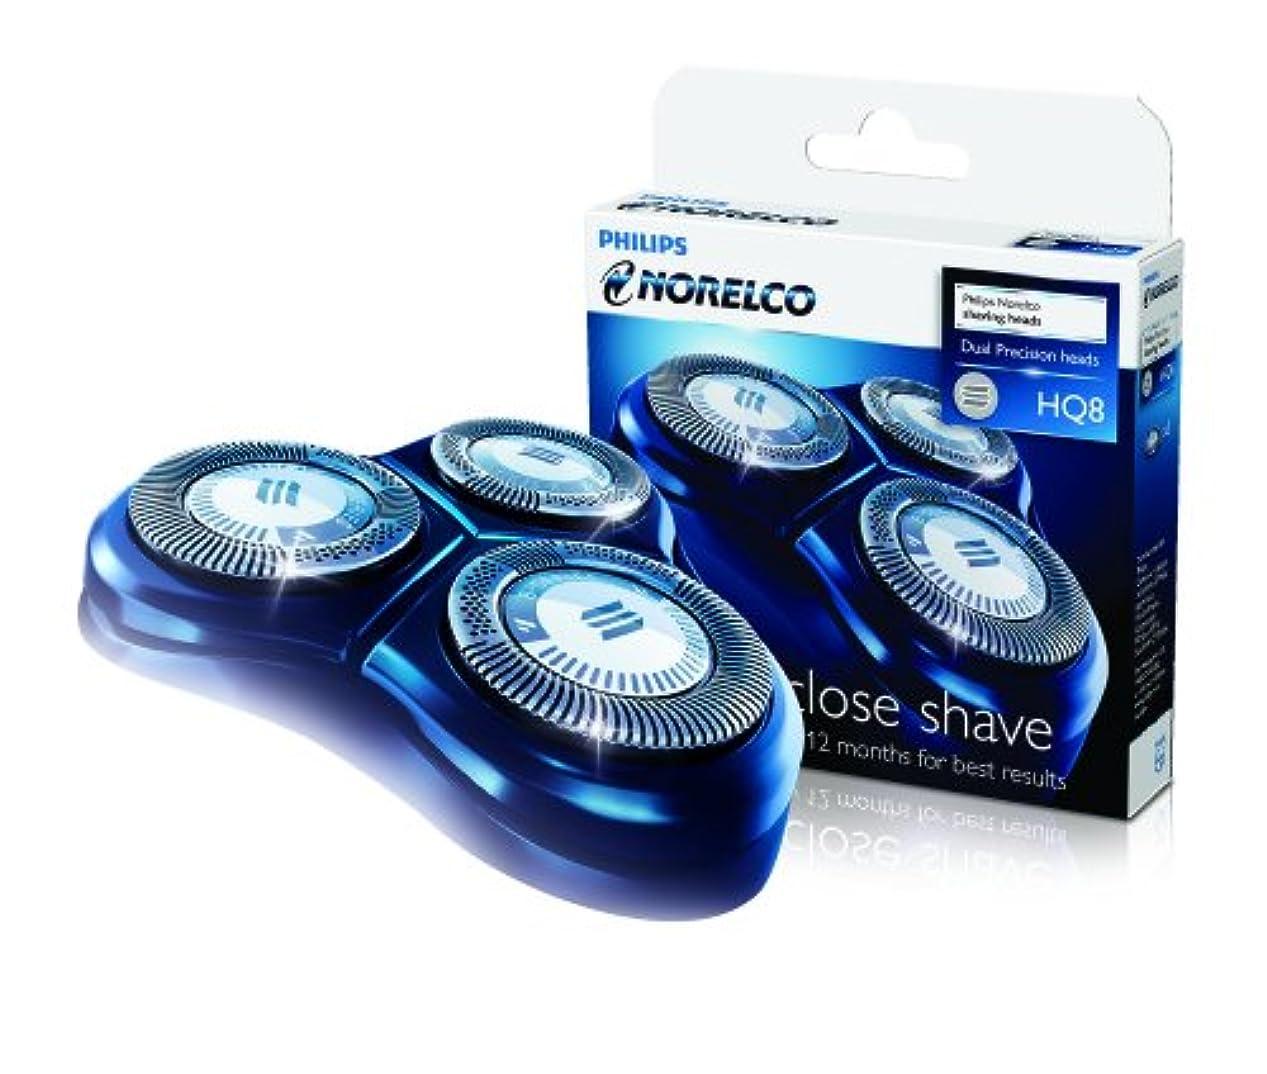 ローズバッグ誇張Philips Norelco HQ8 Sensotec Spectra (3 Pack) For Use With Philips Shavers: 7100 Series, 7200 Series, 7300 Series...